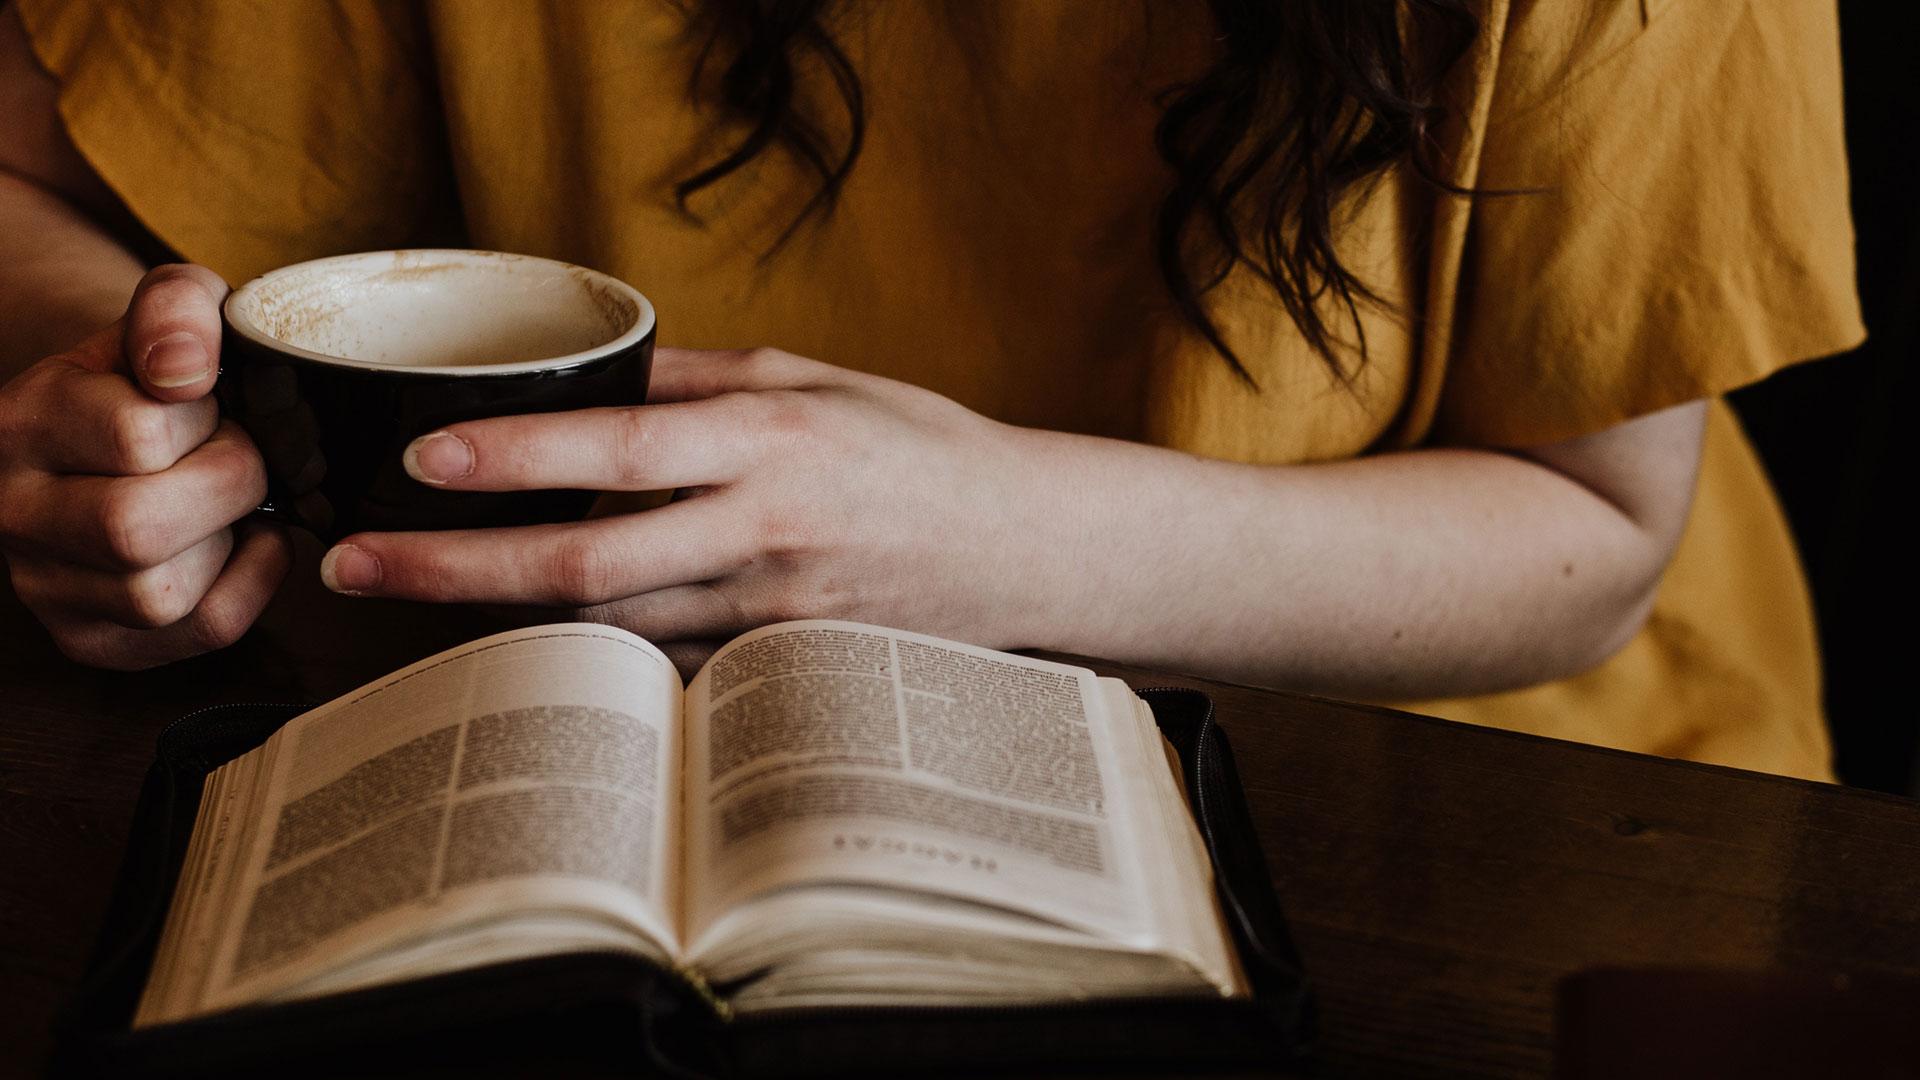 mulher desenvolvendo hábitos de leitura lendo um livro com uma xícara de café nas mãos